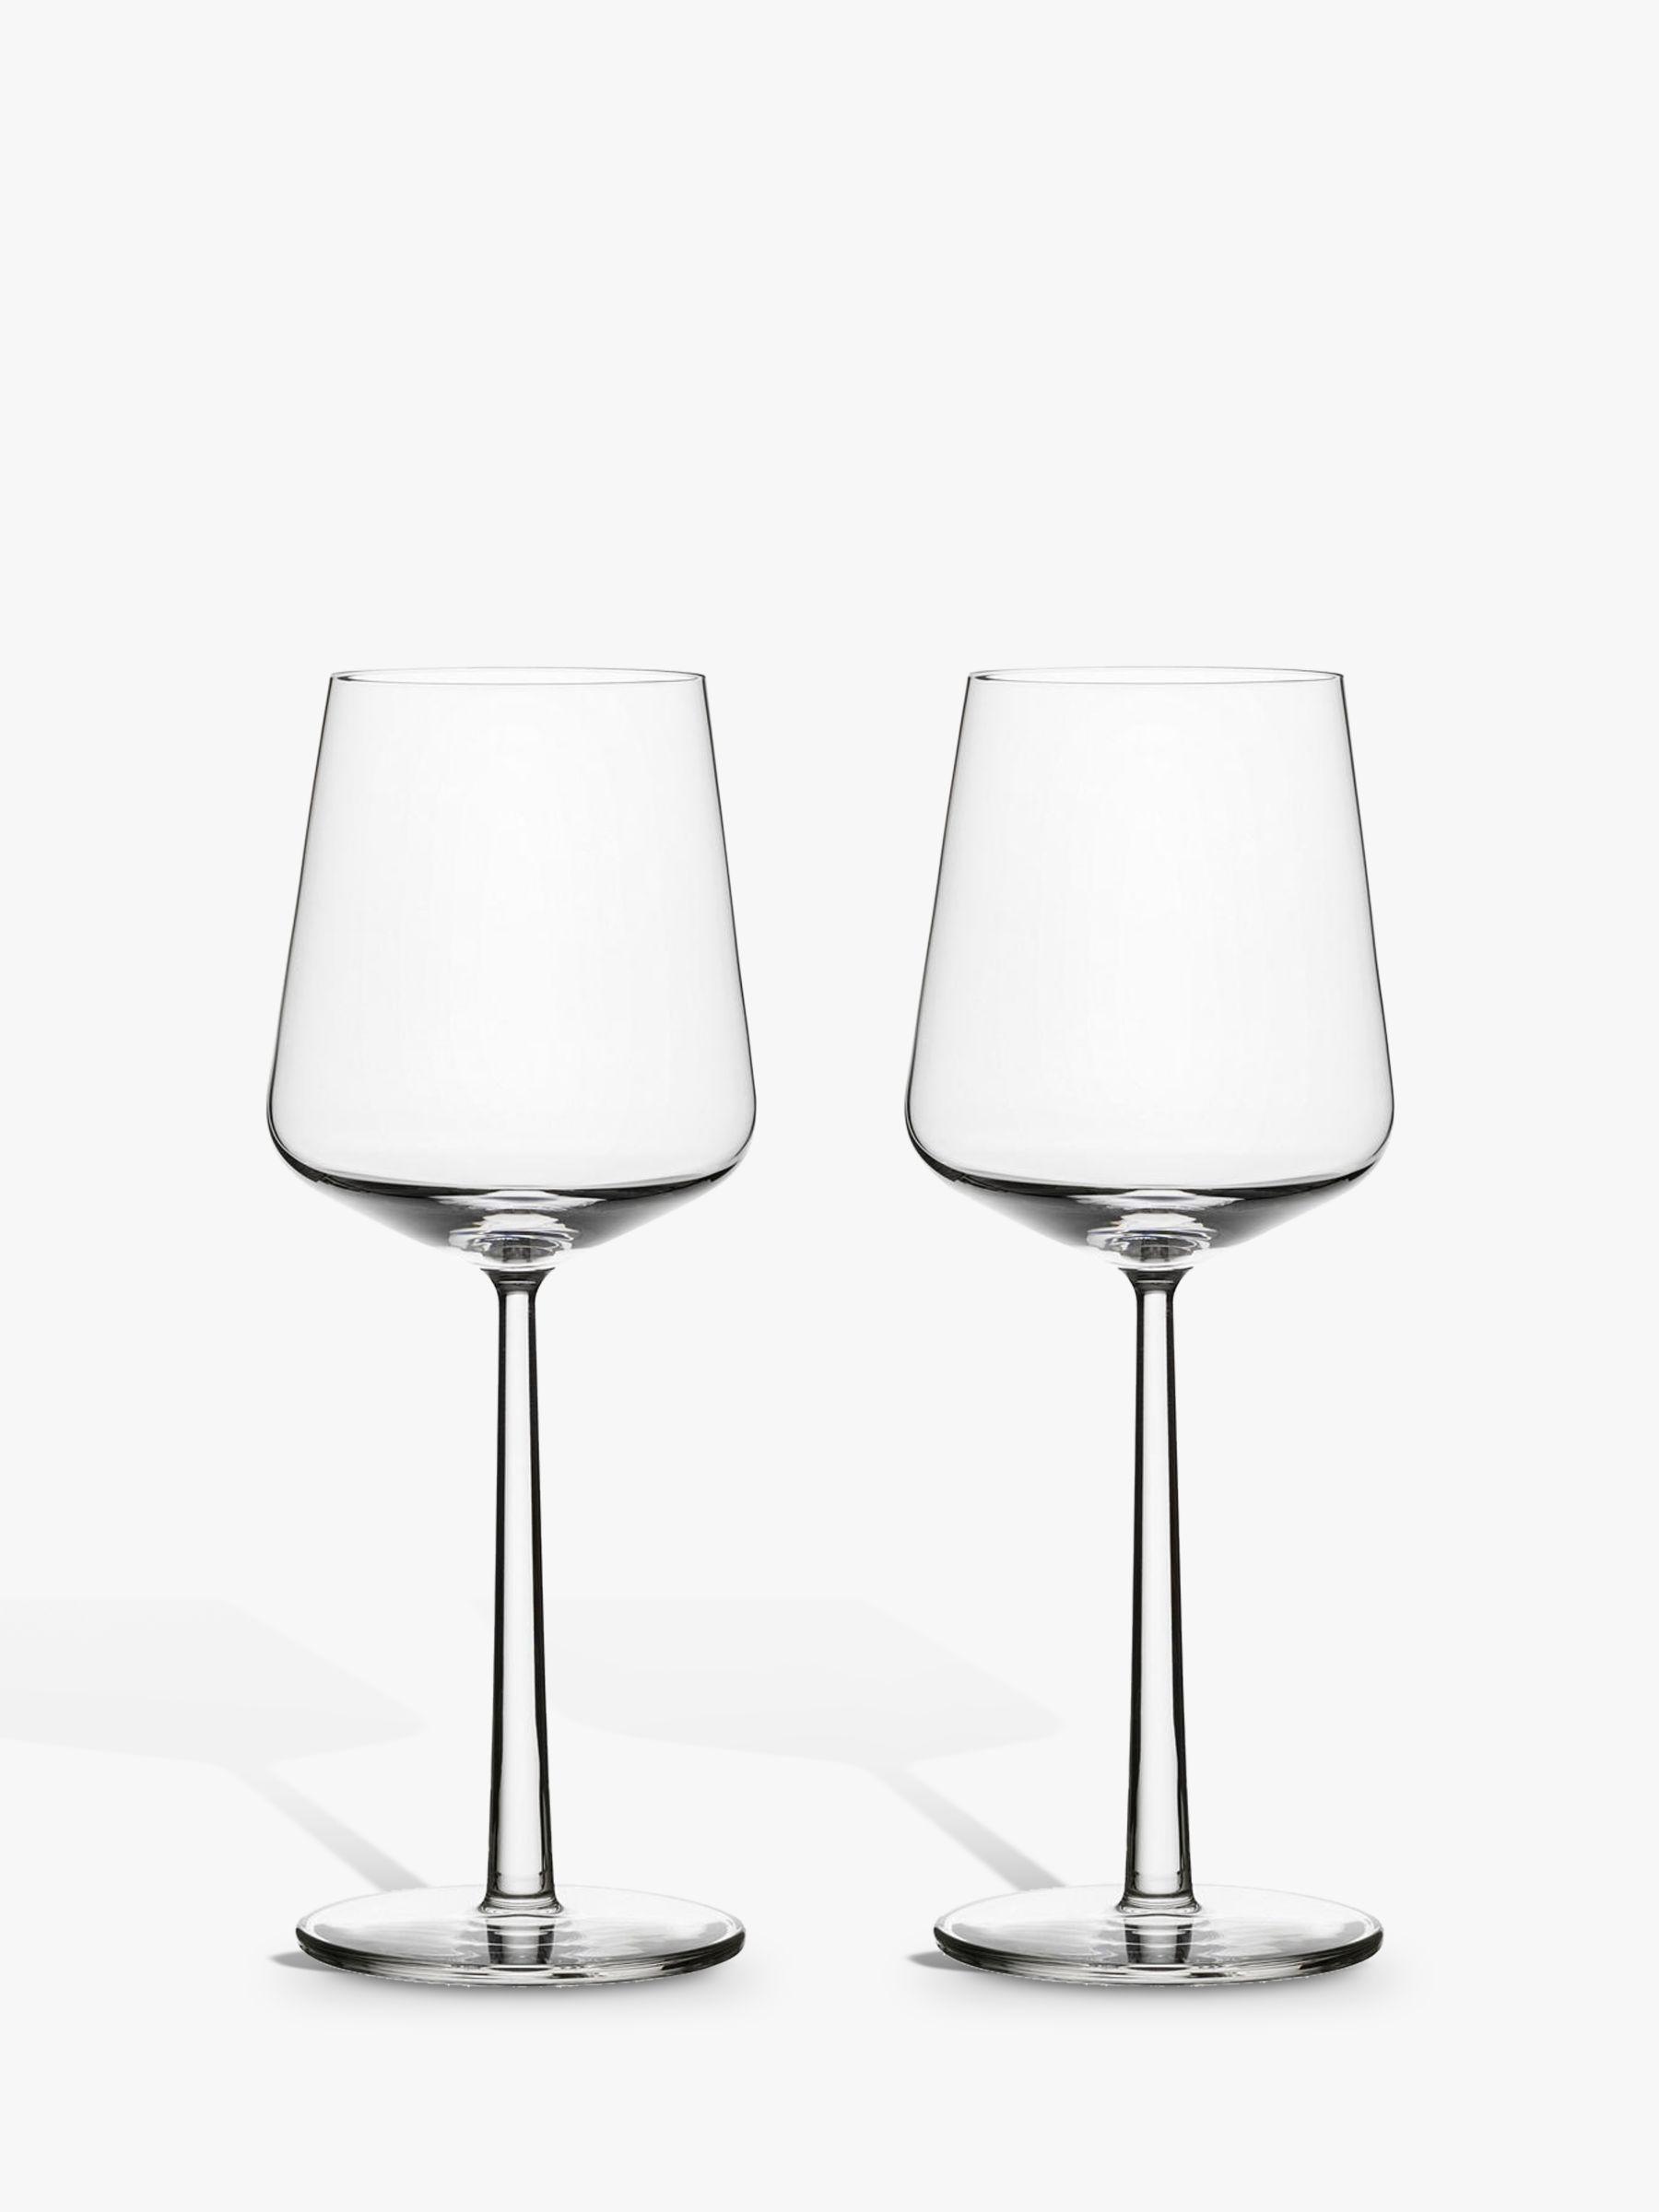 Iittala Iittala Essence Red Wine Glasses, 0.45L, Set of 2